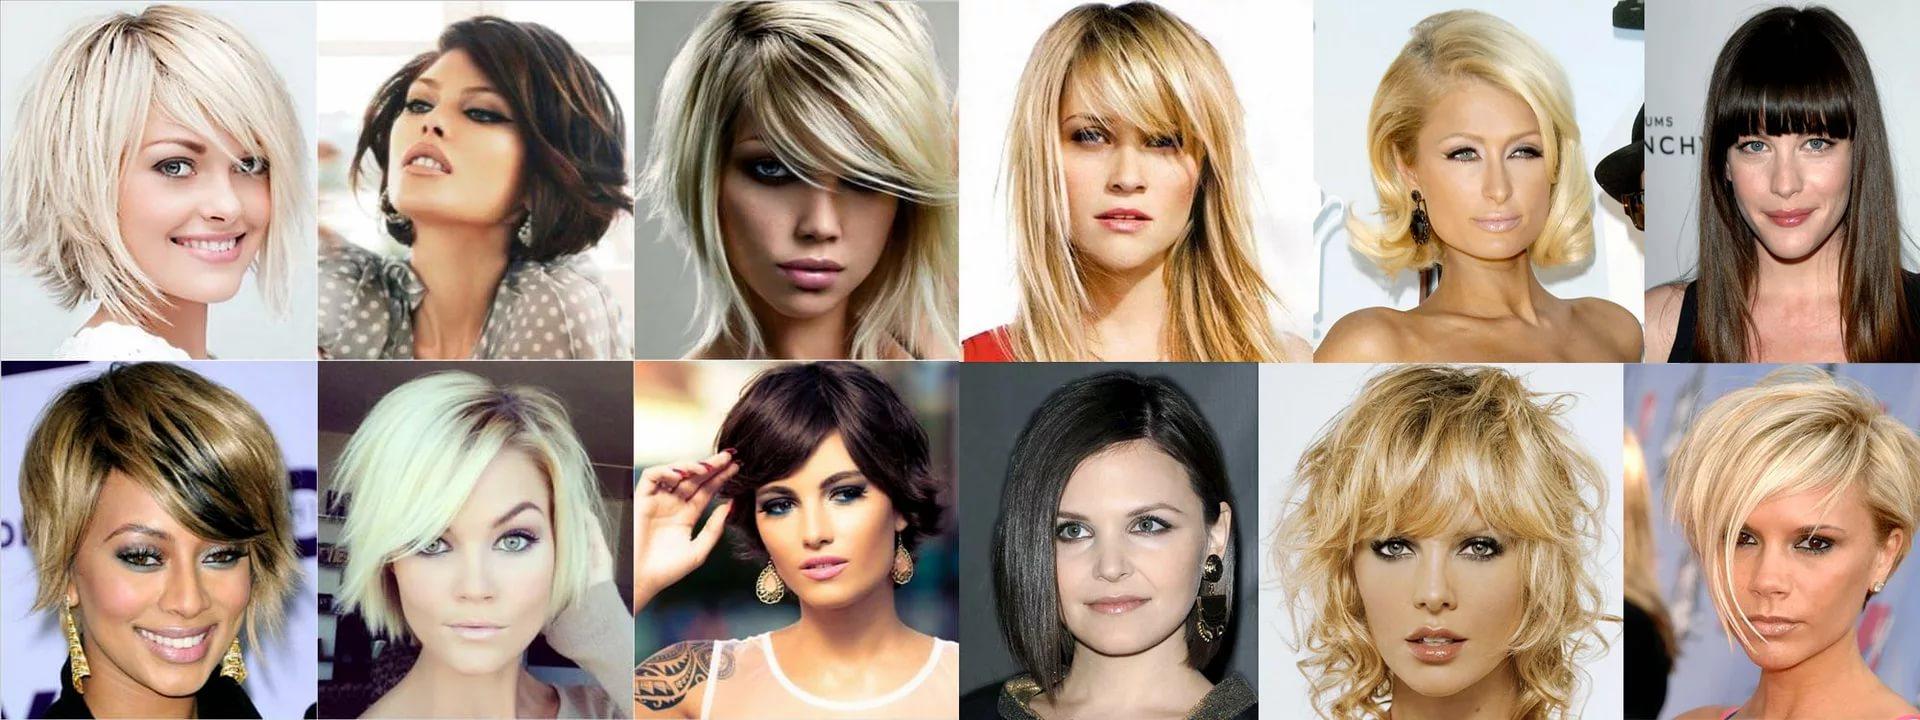 Фото на тему: Типы стрижек на средние волосы